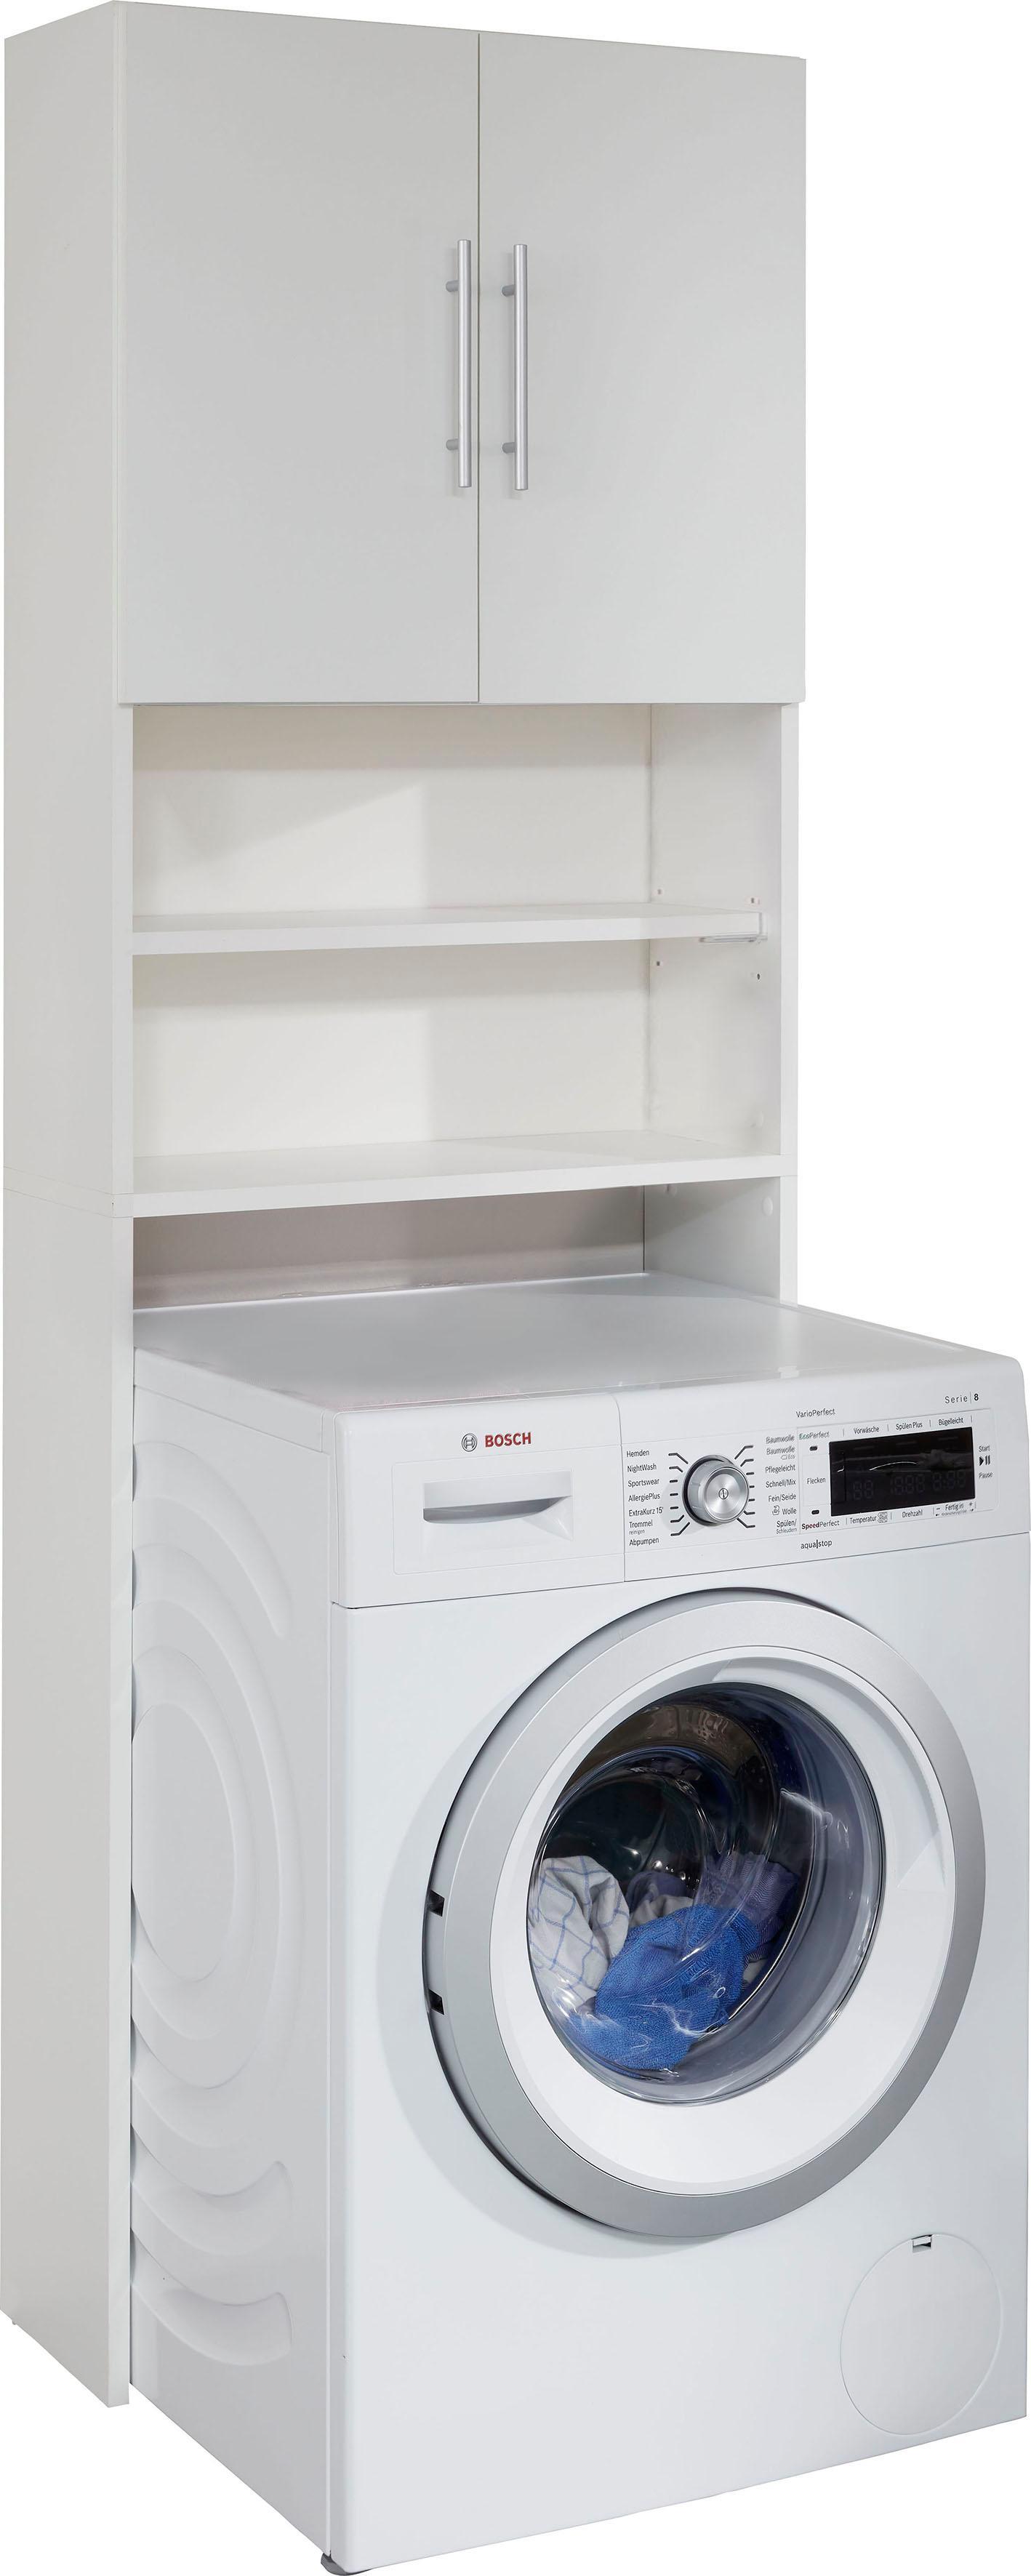 trendteam Waschmaschinenumbauschrank Basix | Küche und Esszimmer > Küchenschränke > Umbauschränke | Weiß | Melamin | Trendteam